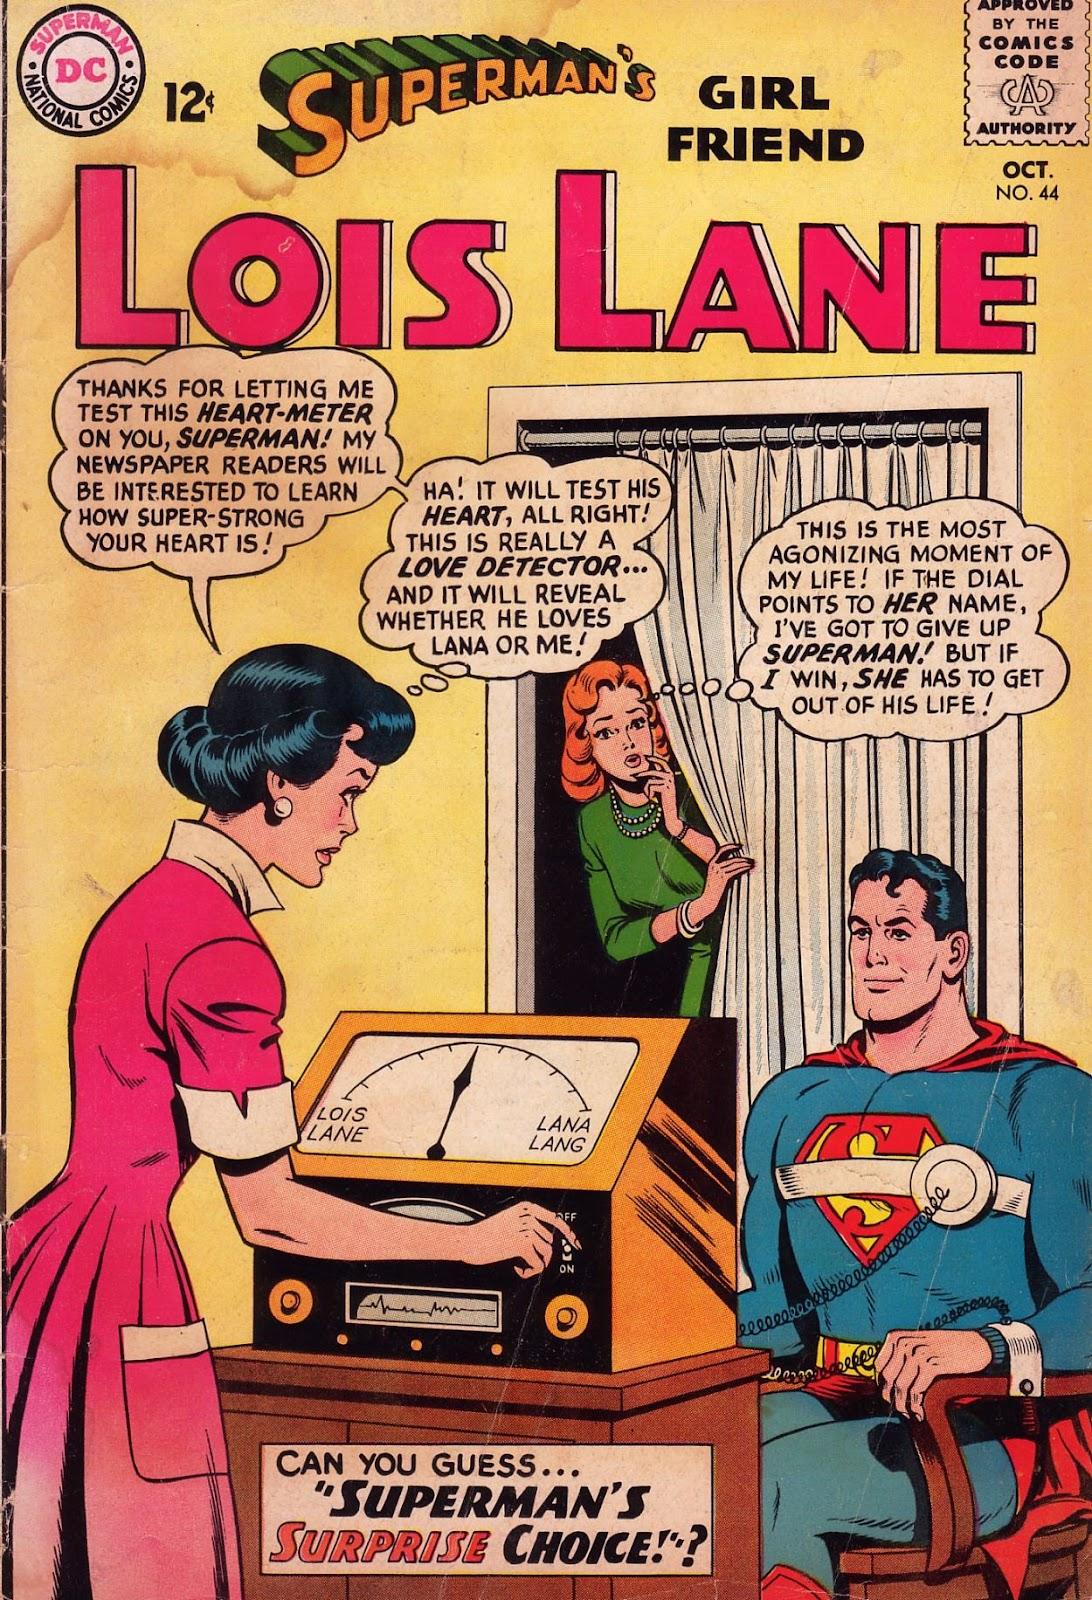 Supermans Girl Friend, Lois Lane 44 Page 1